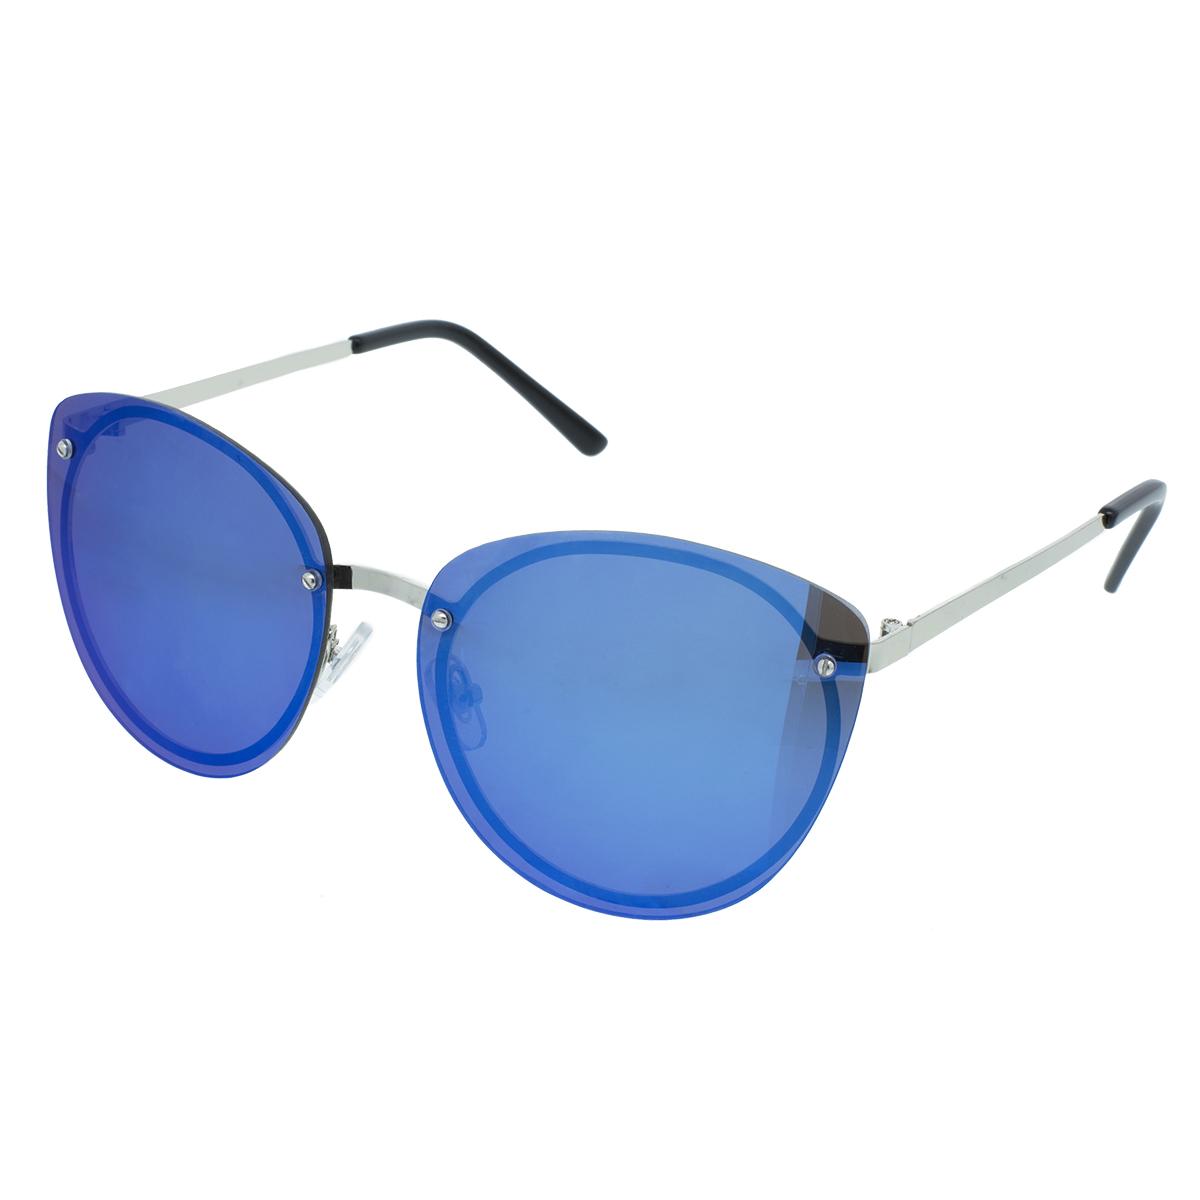 Velké sluneční brýle Plate stříbrné obroučky modrá skla